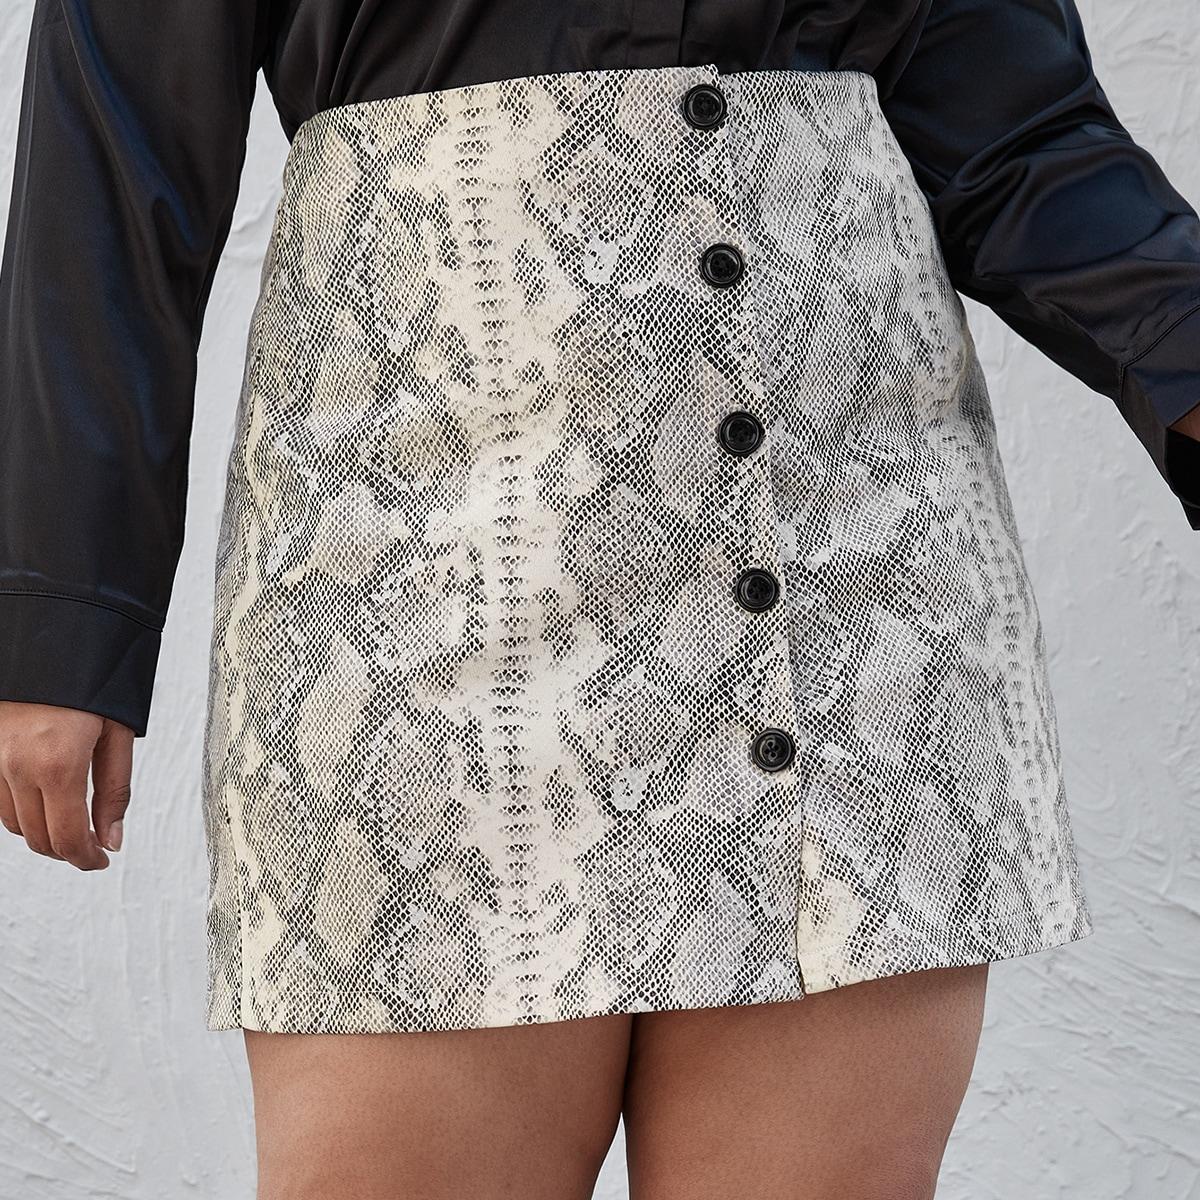 Пуговица змеиный принт элегантный юбки размер плюс